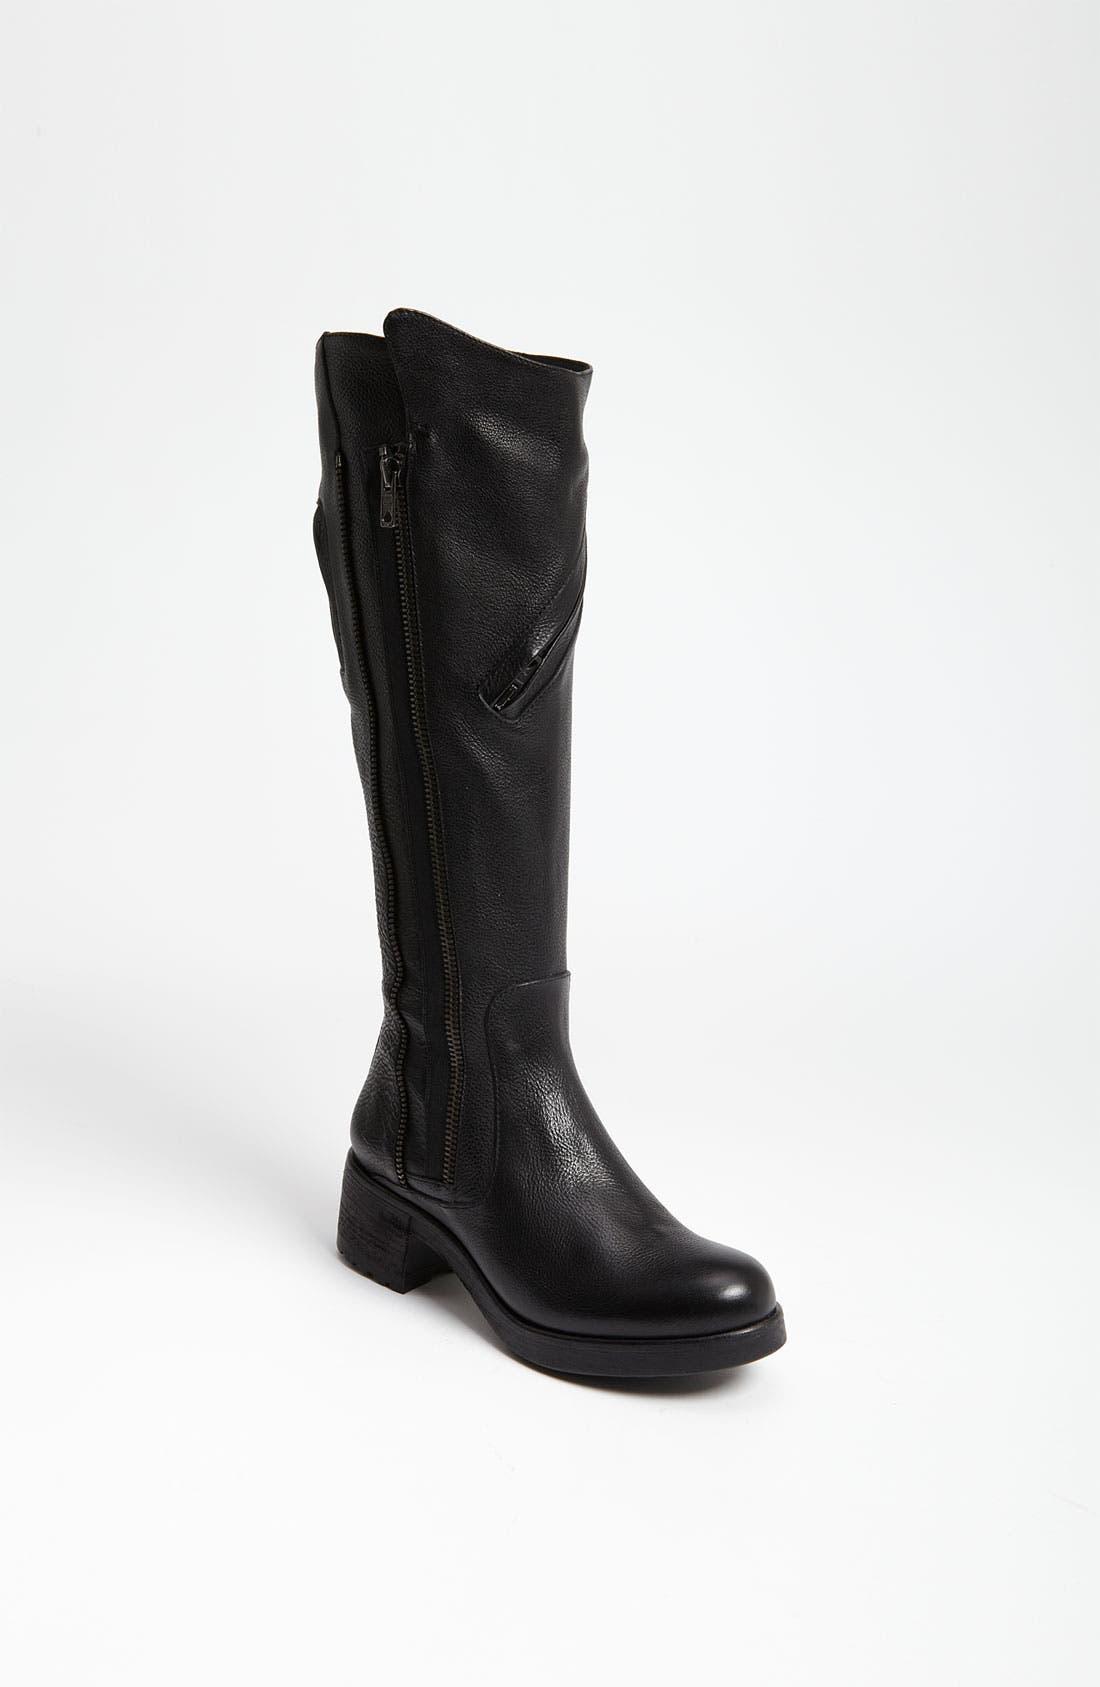 Main Image - Vera Wang Footwear 'Evan' Boot